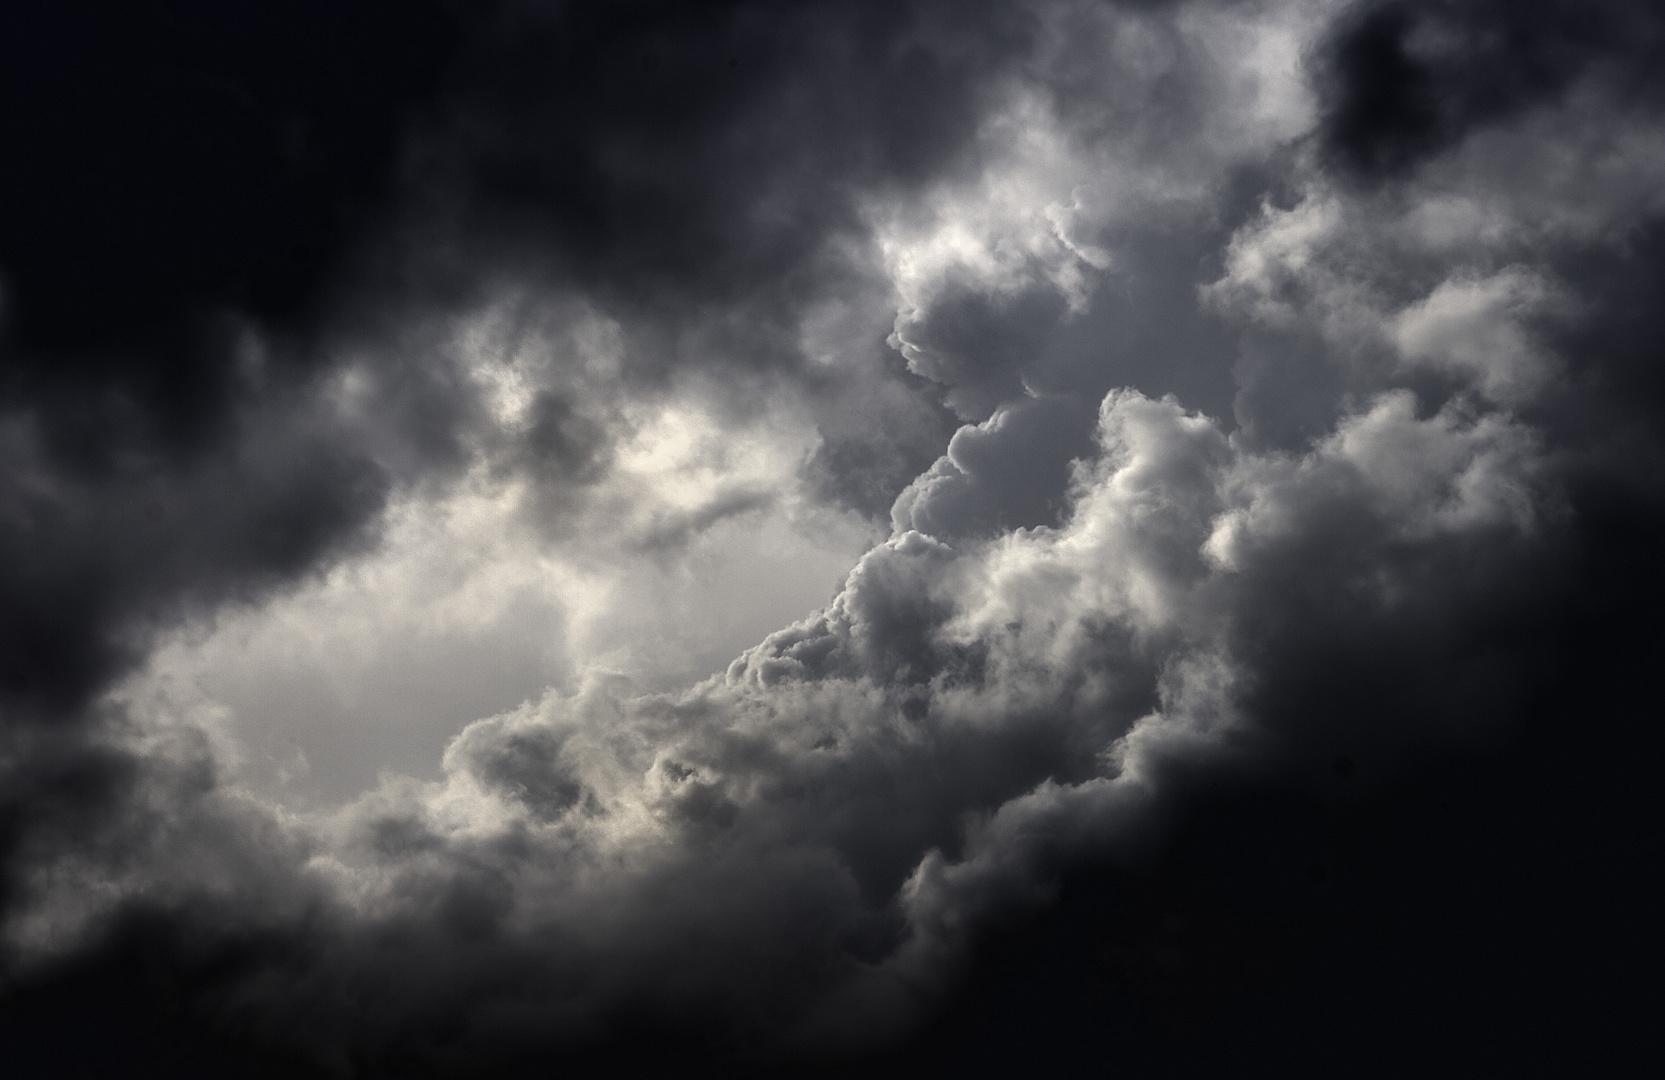 Wolkendynamik II